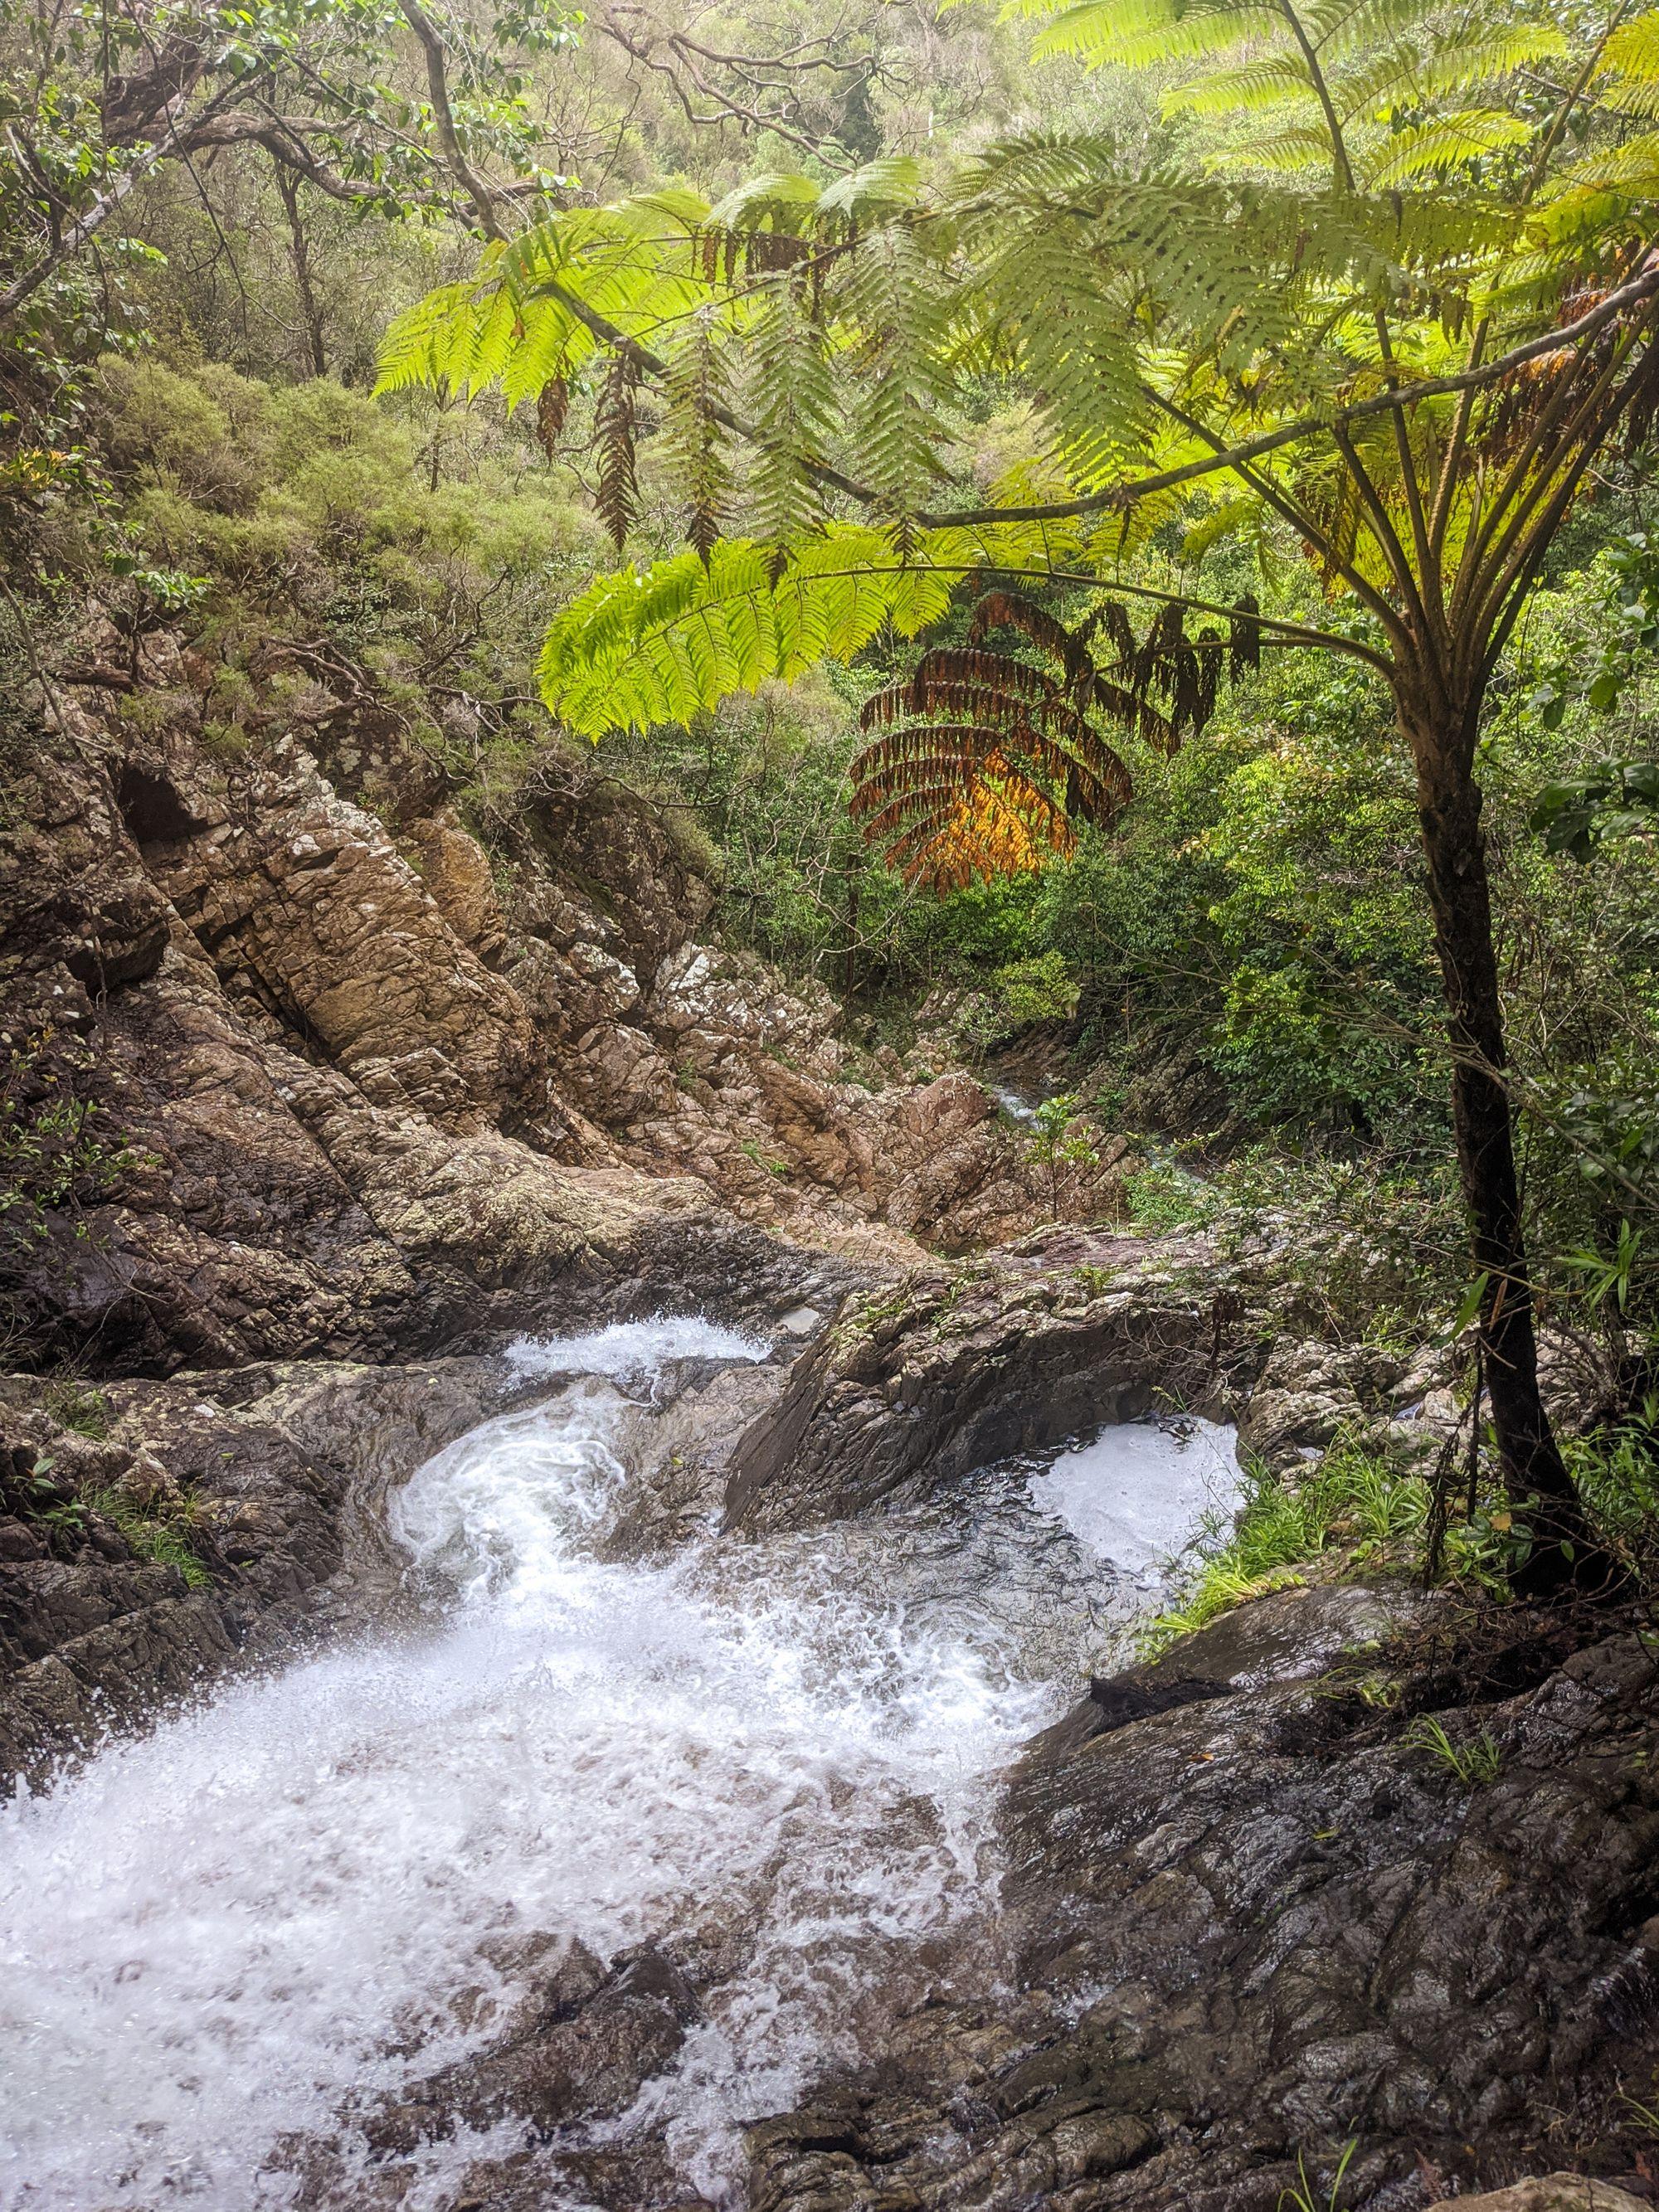 mobile creek tree fern